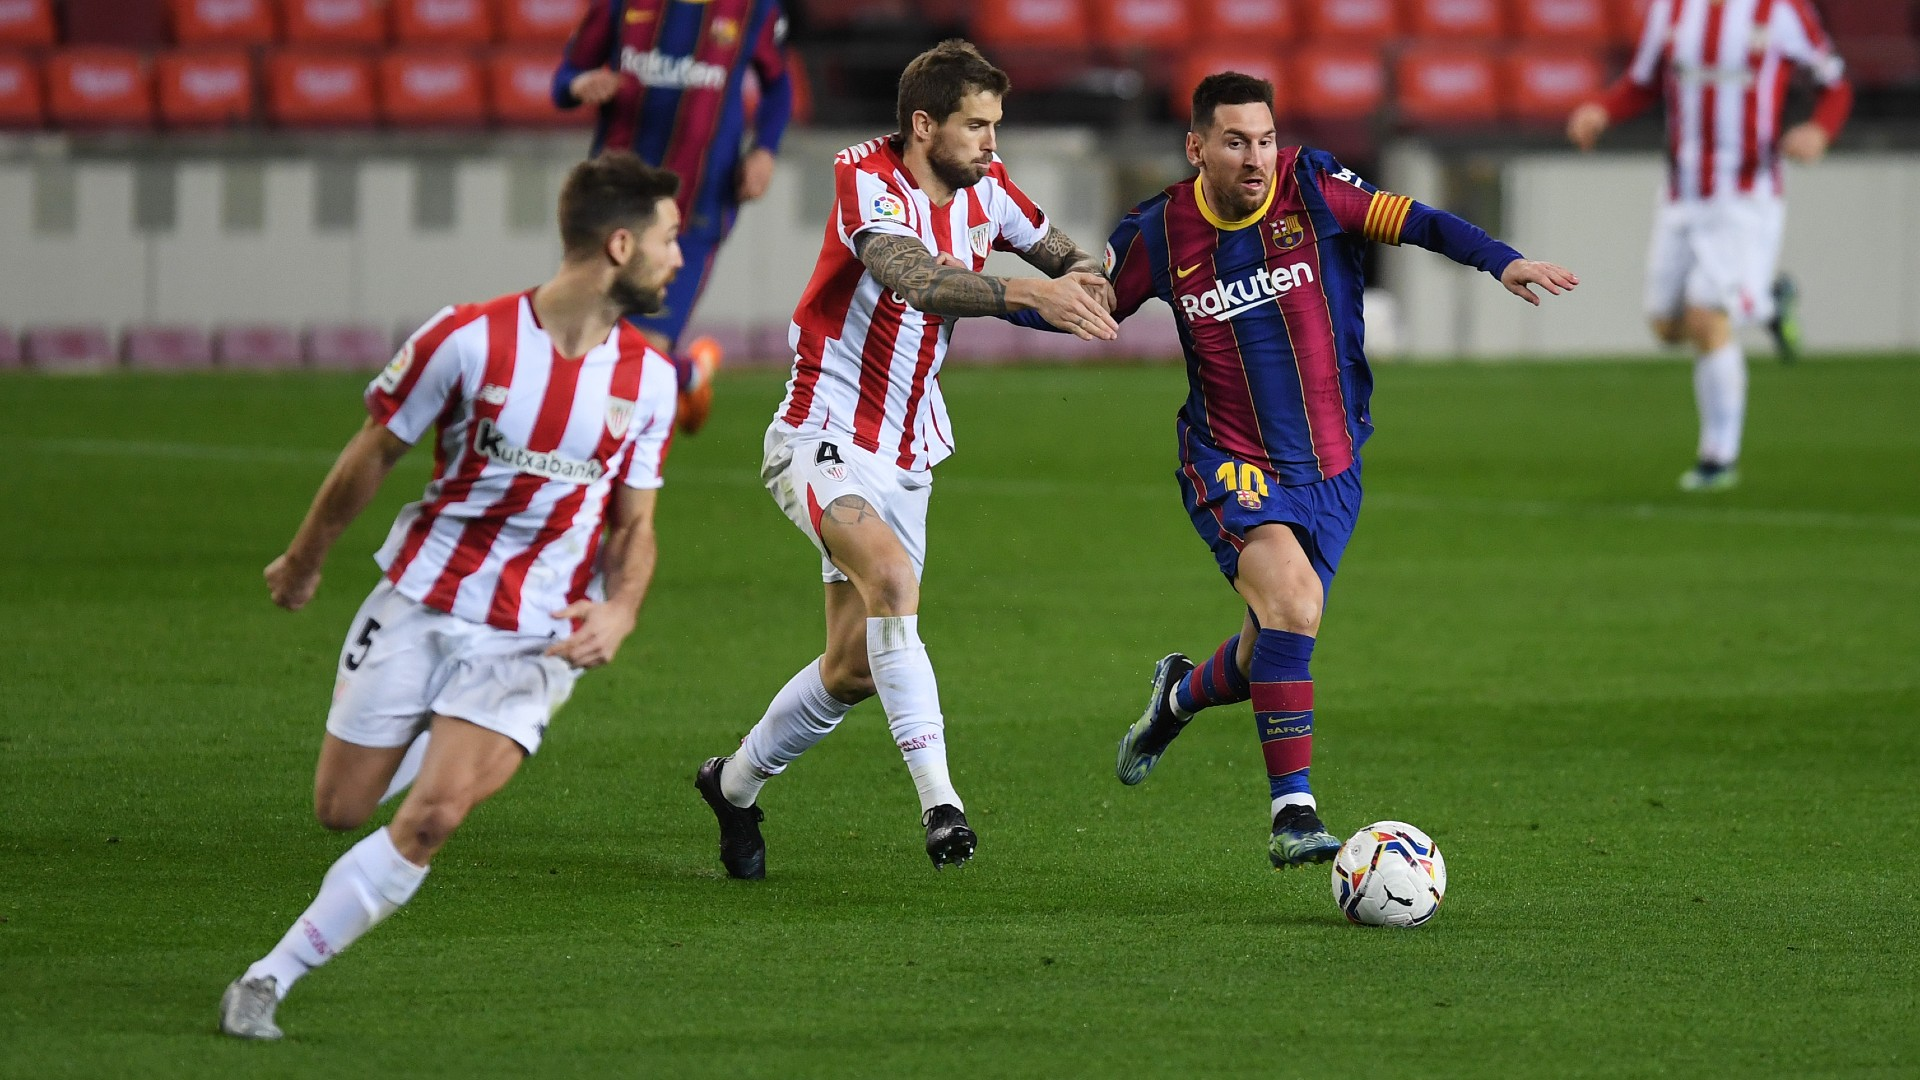 Lionel Messi Inigo Martinez LaLiga 31012021